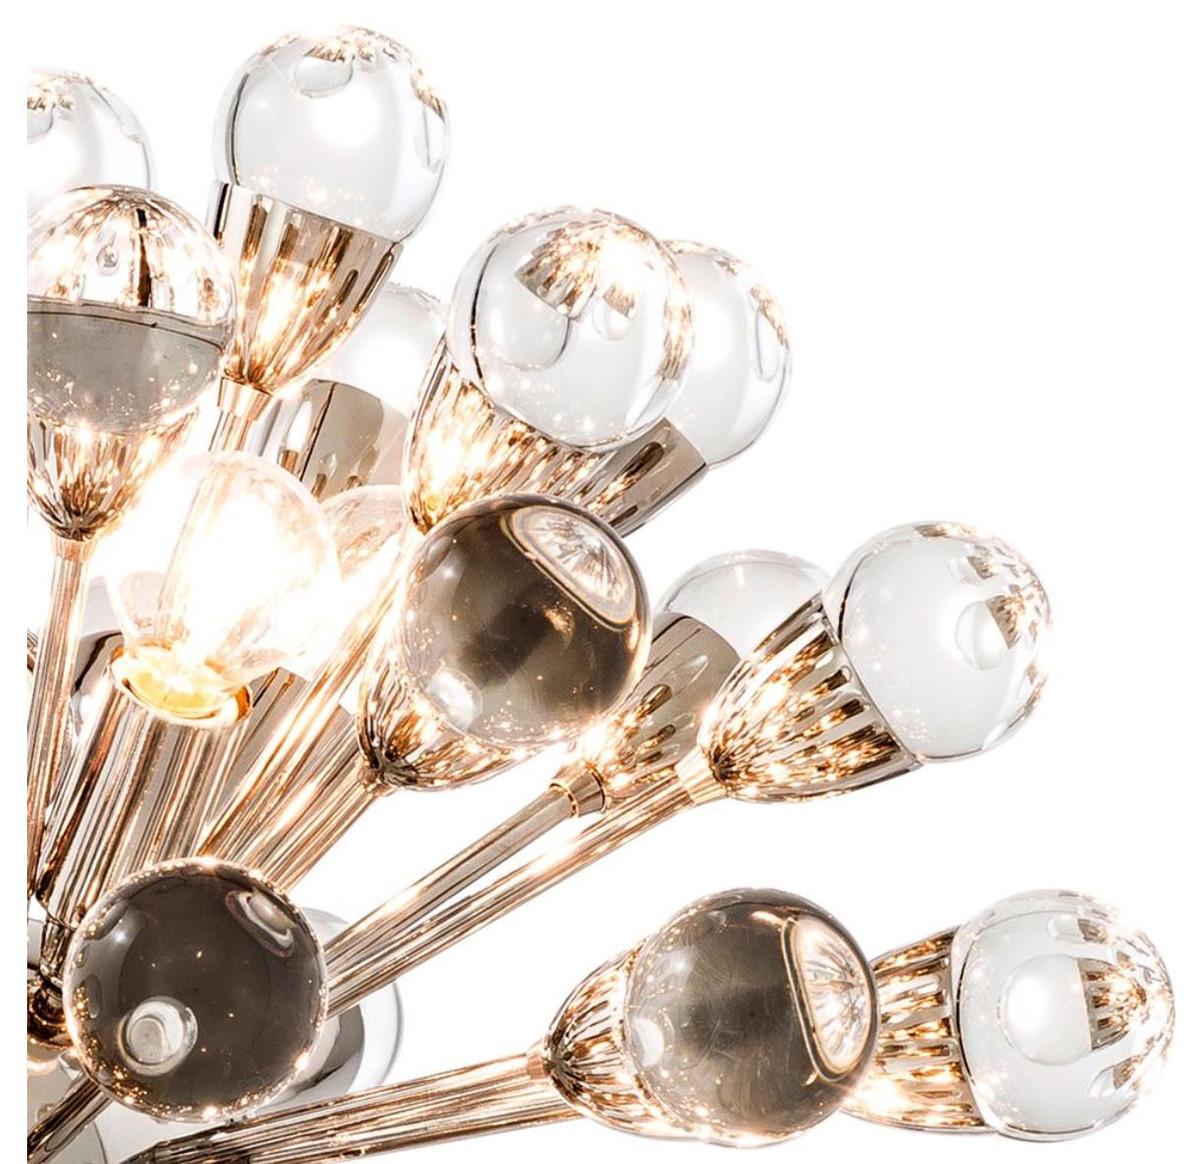 casa padrino luxus kronleuchter silber durchmesser 50 cm luxus hotel kollektion leuchten. Black Bedroom Furniture Sets. Home Design Ideas